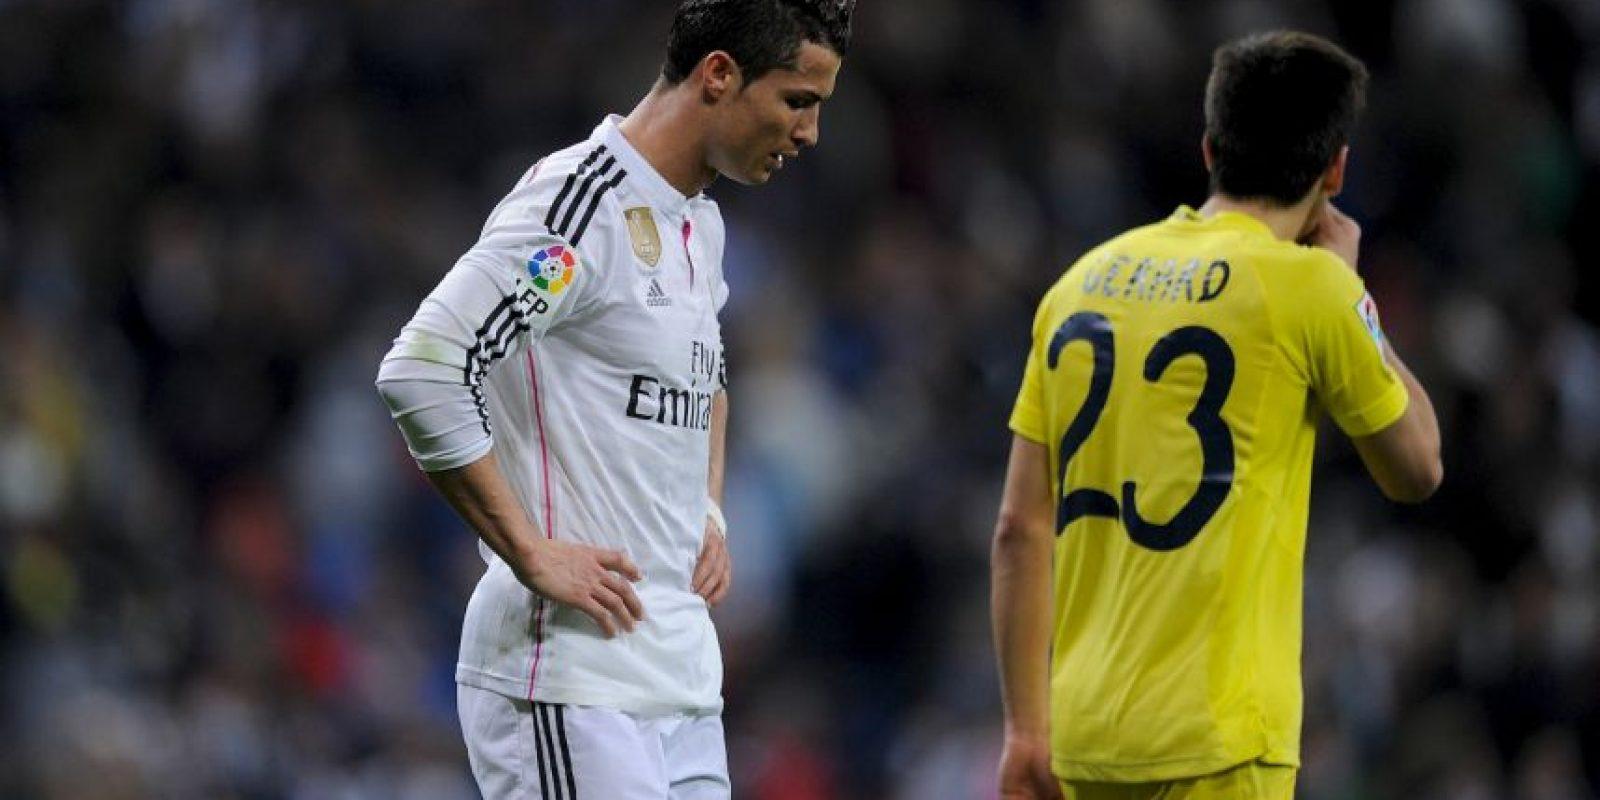 """Al final del encuentro, Cristiano Ronaldo fue captado por las cámaras y le reclamó al central: """"Robar, robar, robar, sólo robar"""", antes de marcharse al vestidor donde ya no saldría nadie del equipo a hacer declaraciones. Foto:Getty Images"""